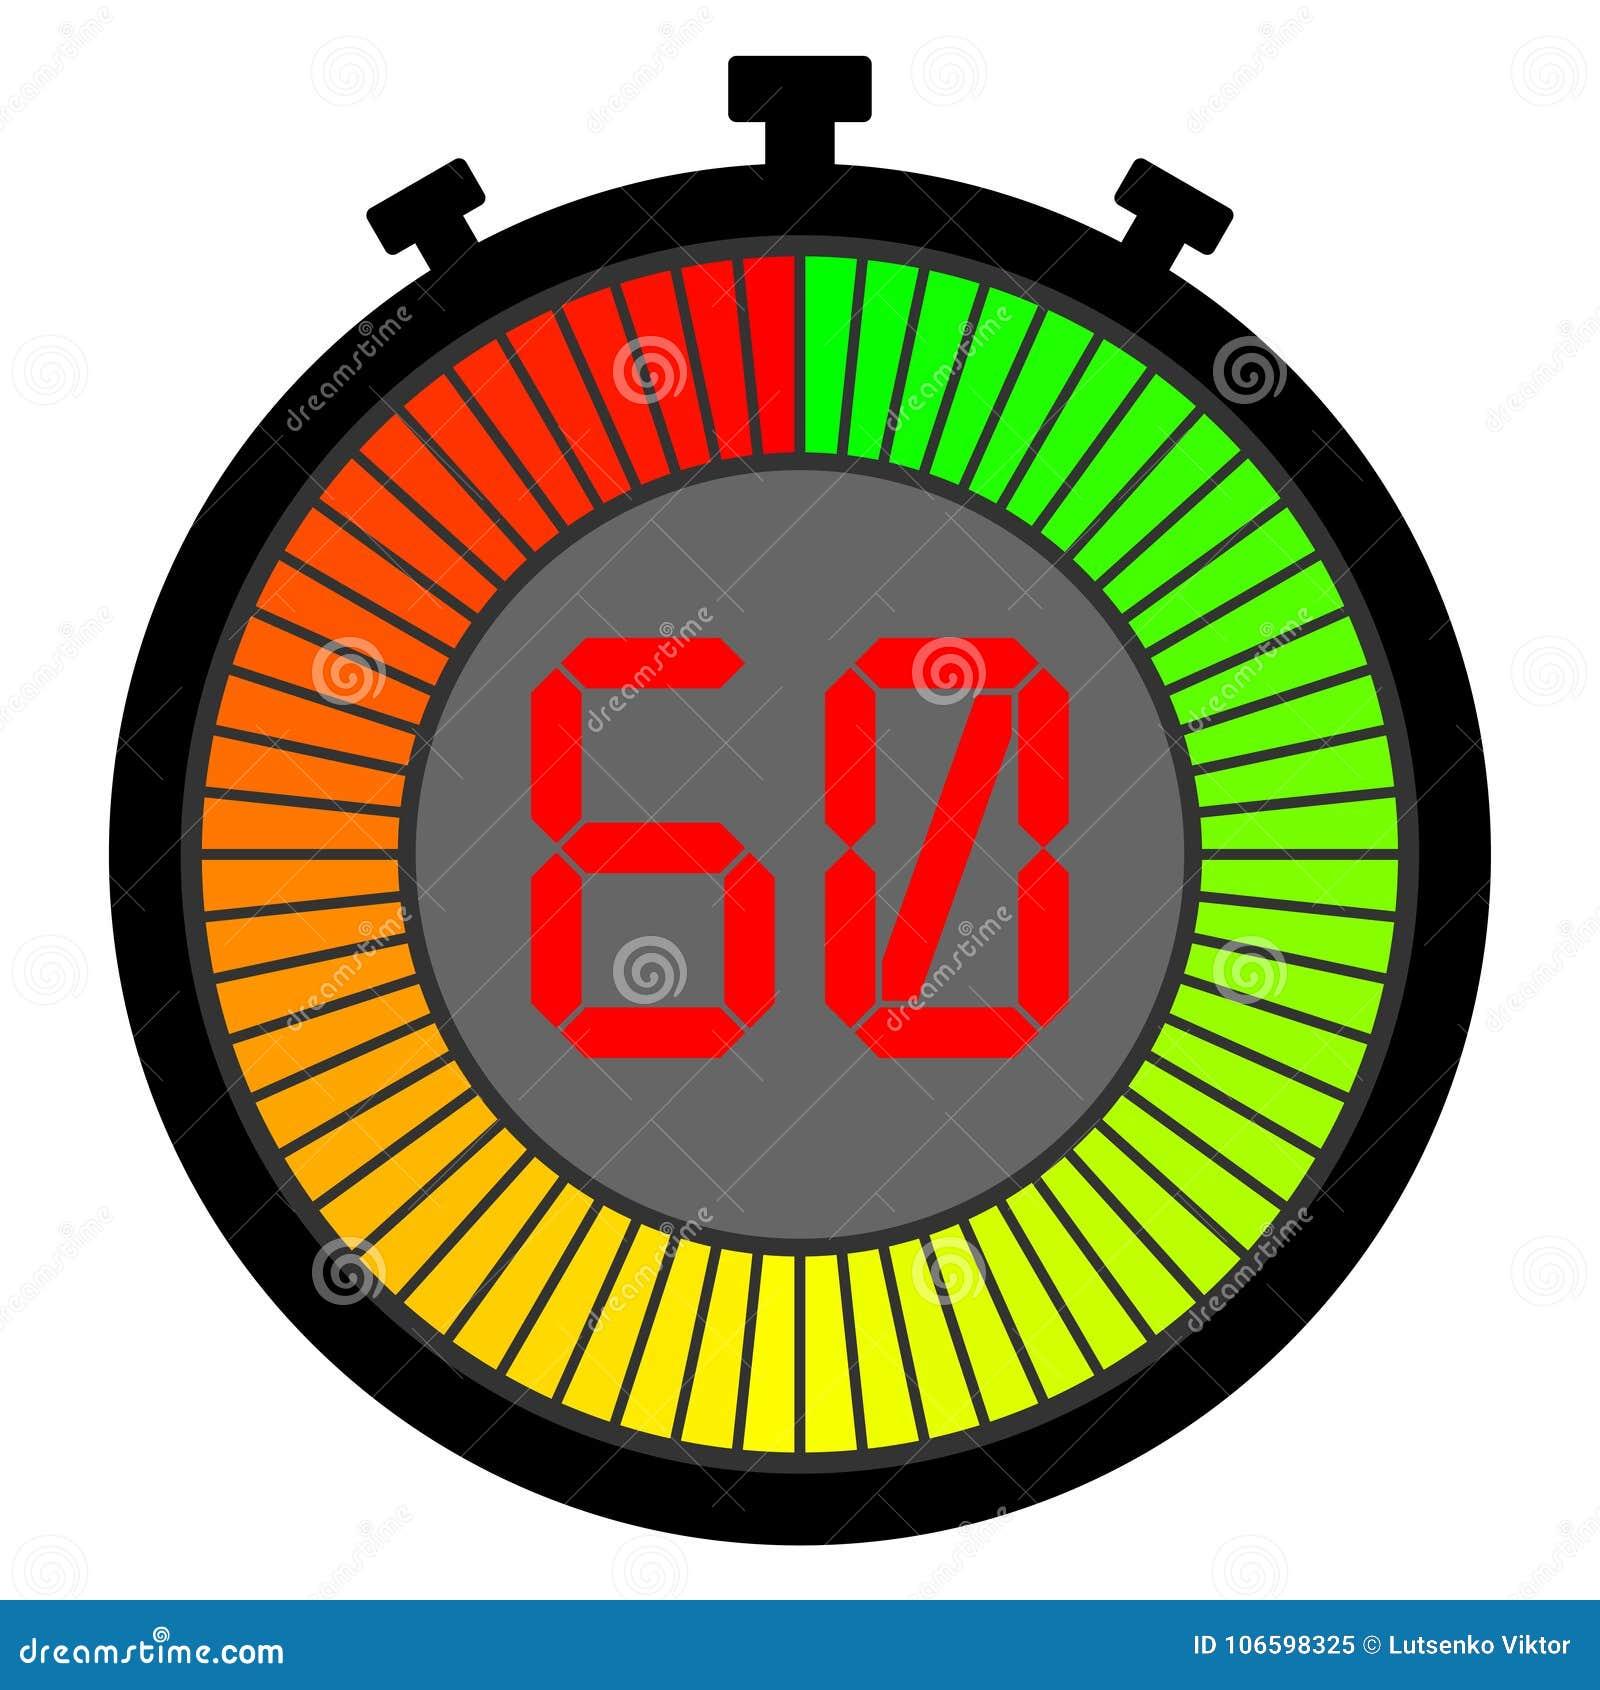 ηλεκτρονικό χρονόμετρο με διακόπτη με μια κλίση 60